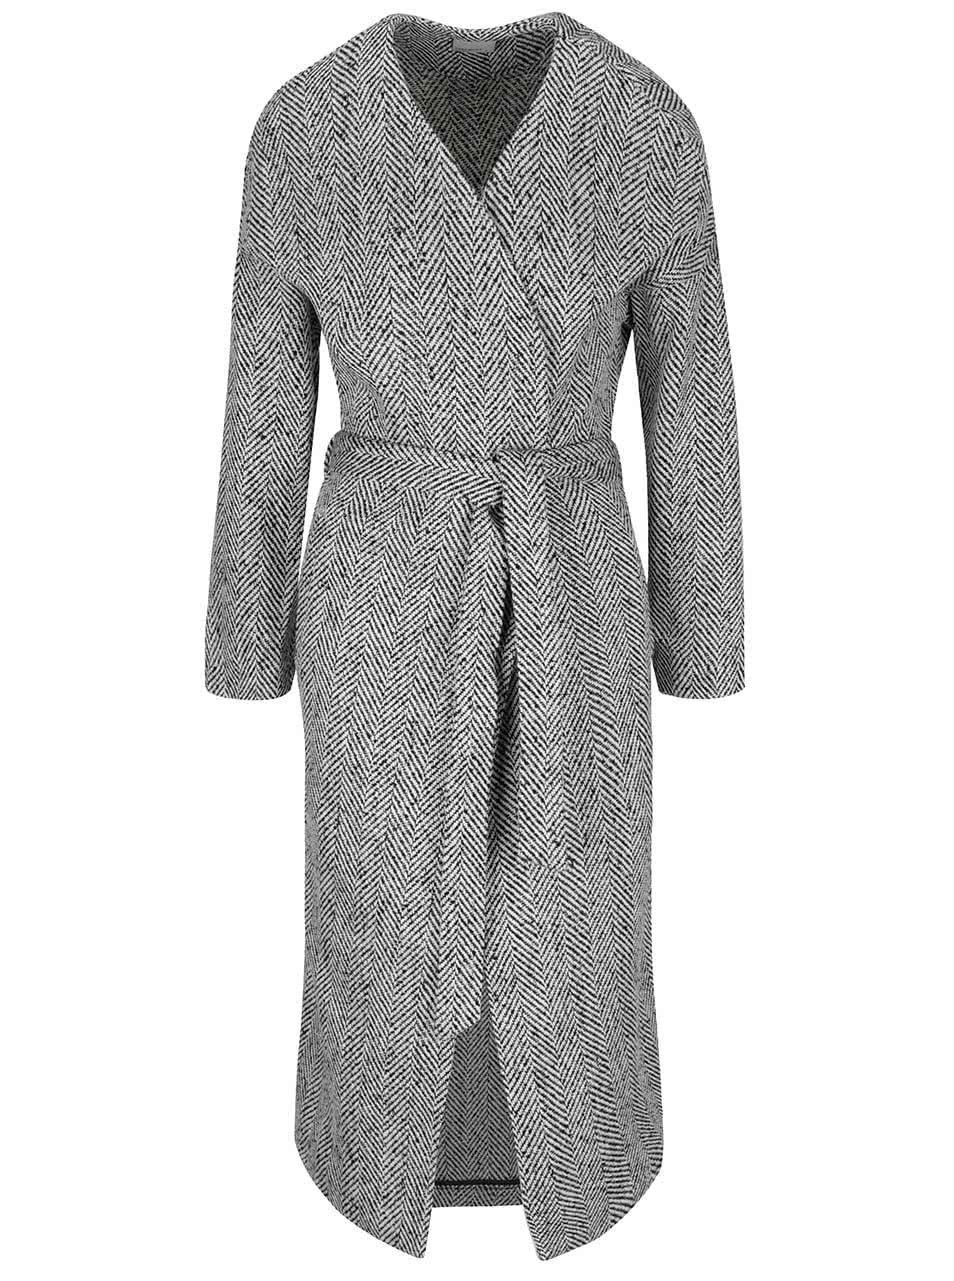 Černo-bílý vzorovaný kabát se zavazováním v pase Vero Moda Gippy